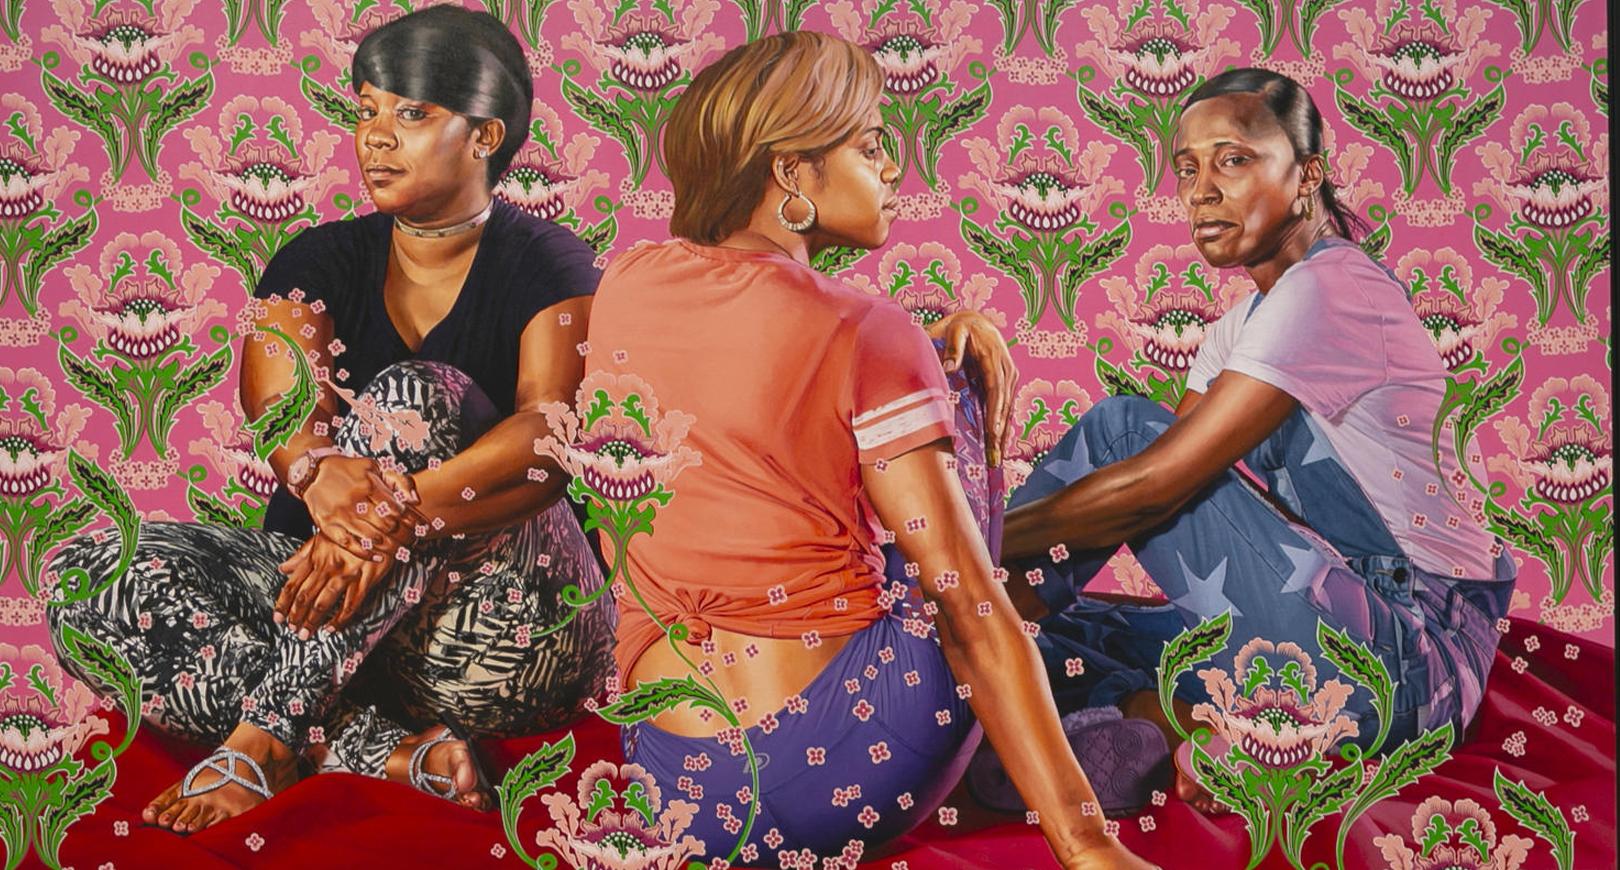 Painting of three women.